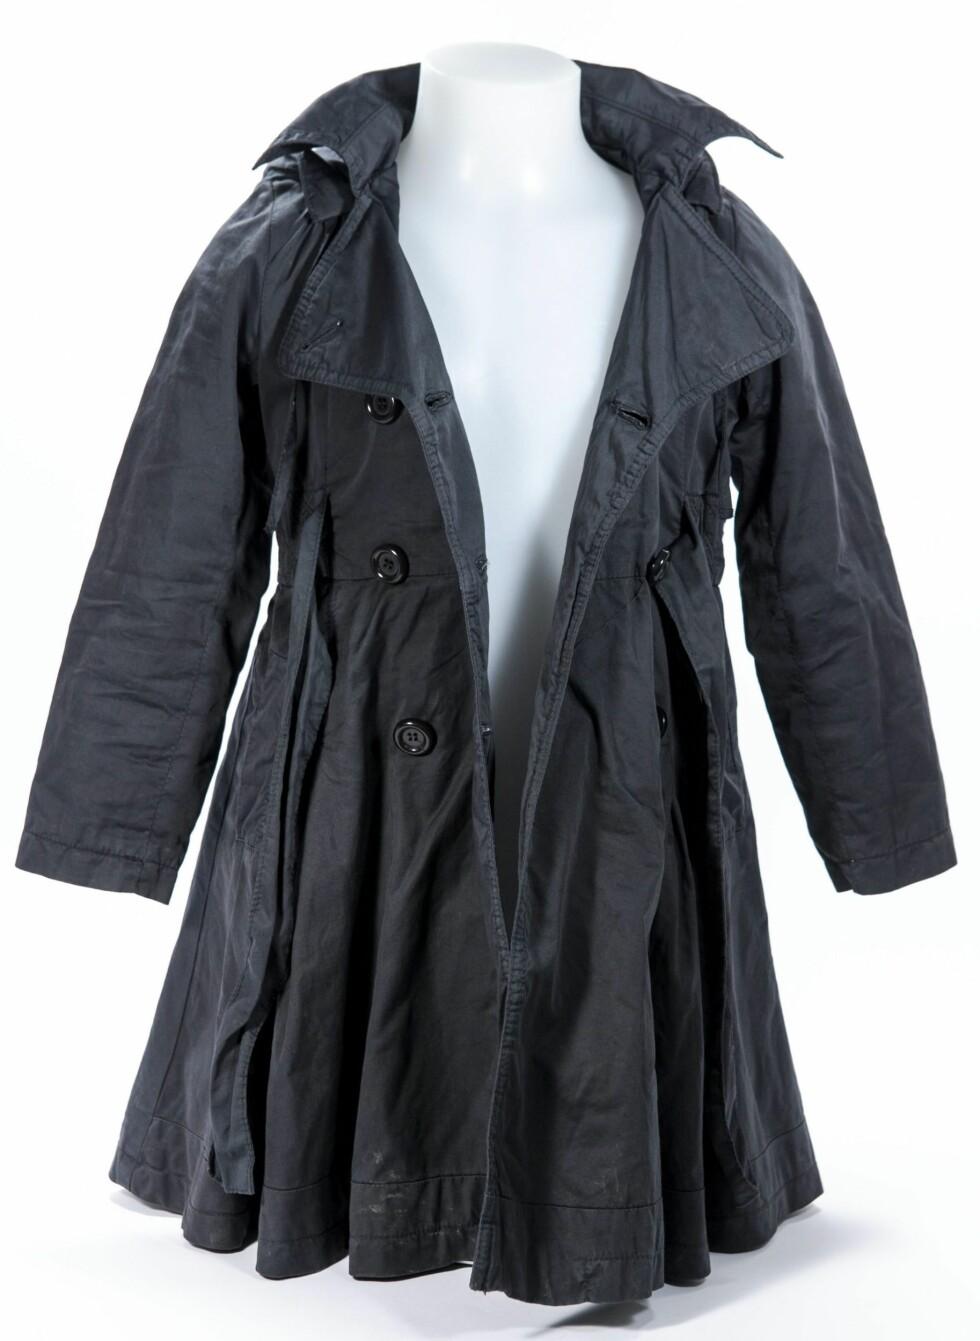 Slik ser kåpen ut åpen.